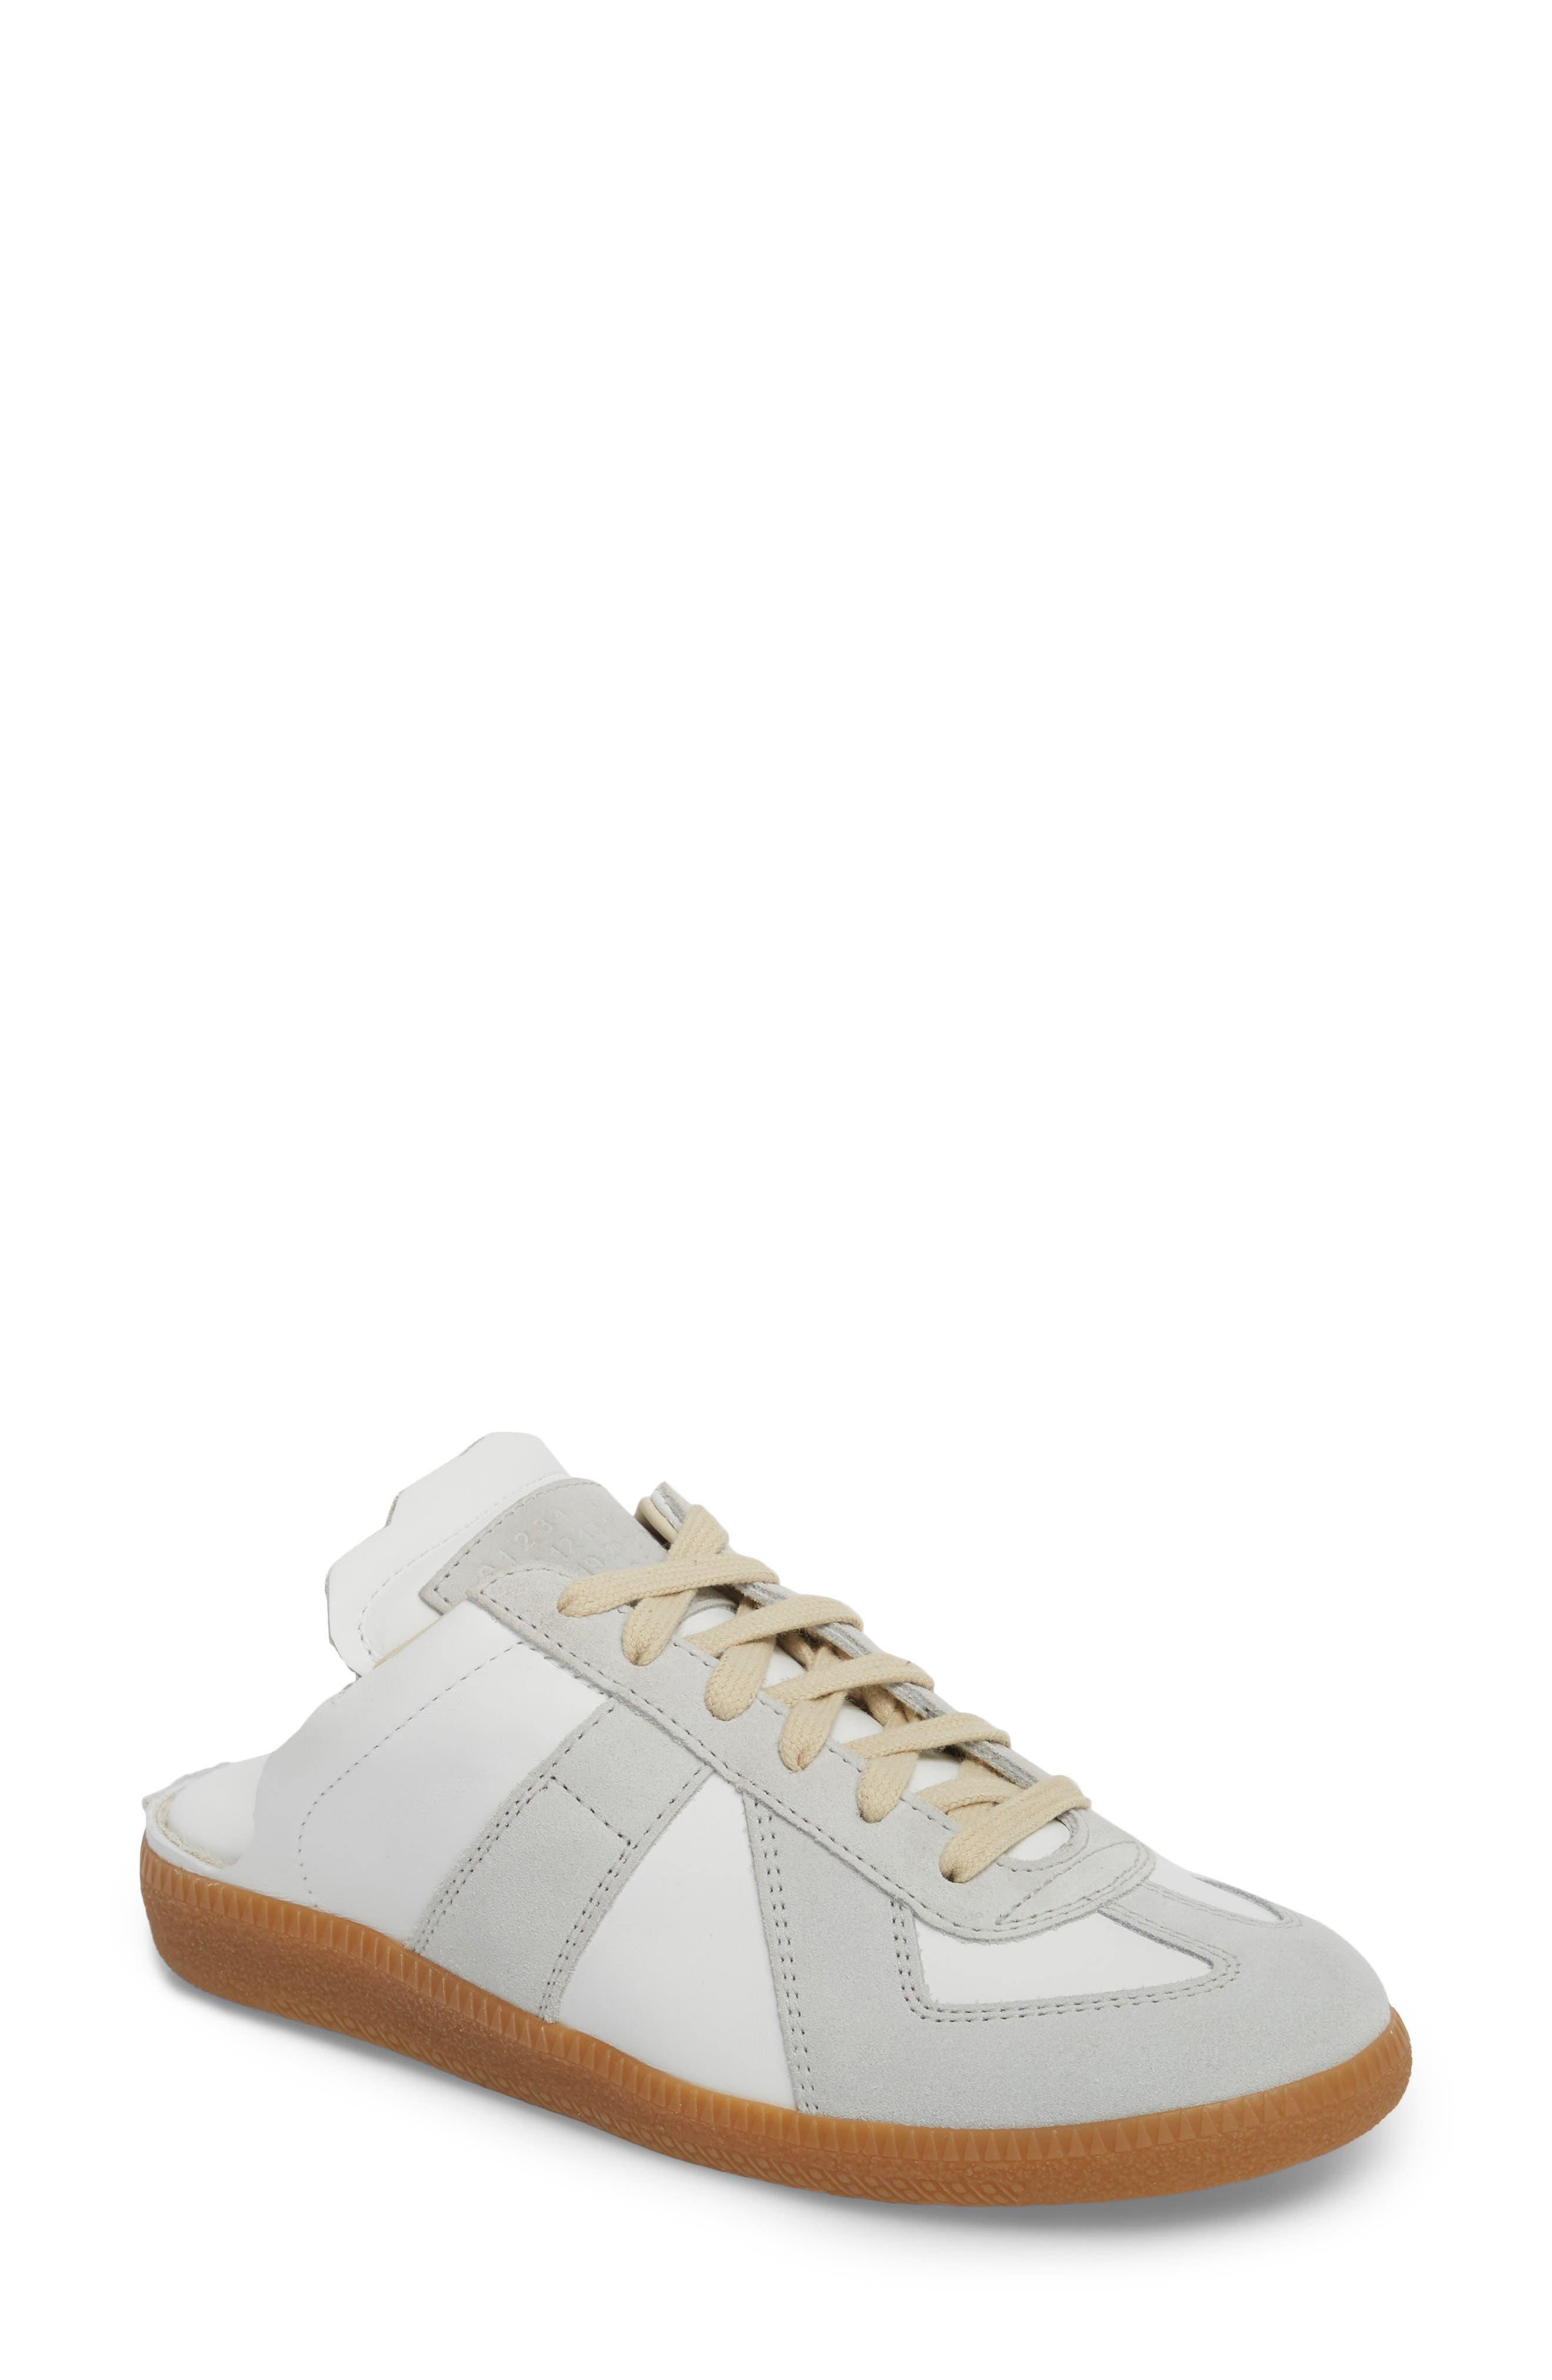 Replica Sneaker Mule,                         Main,                         color, Amber/ White